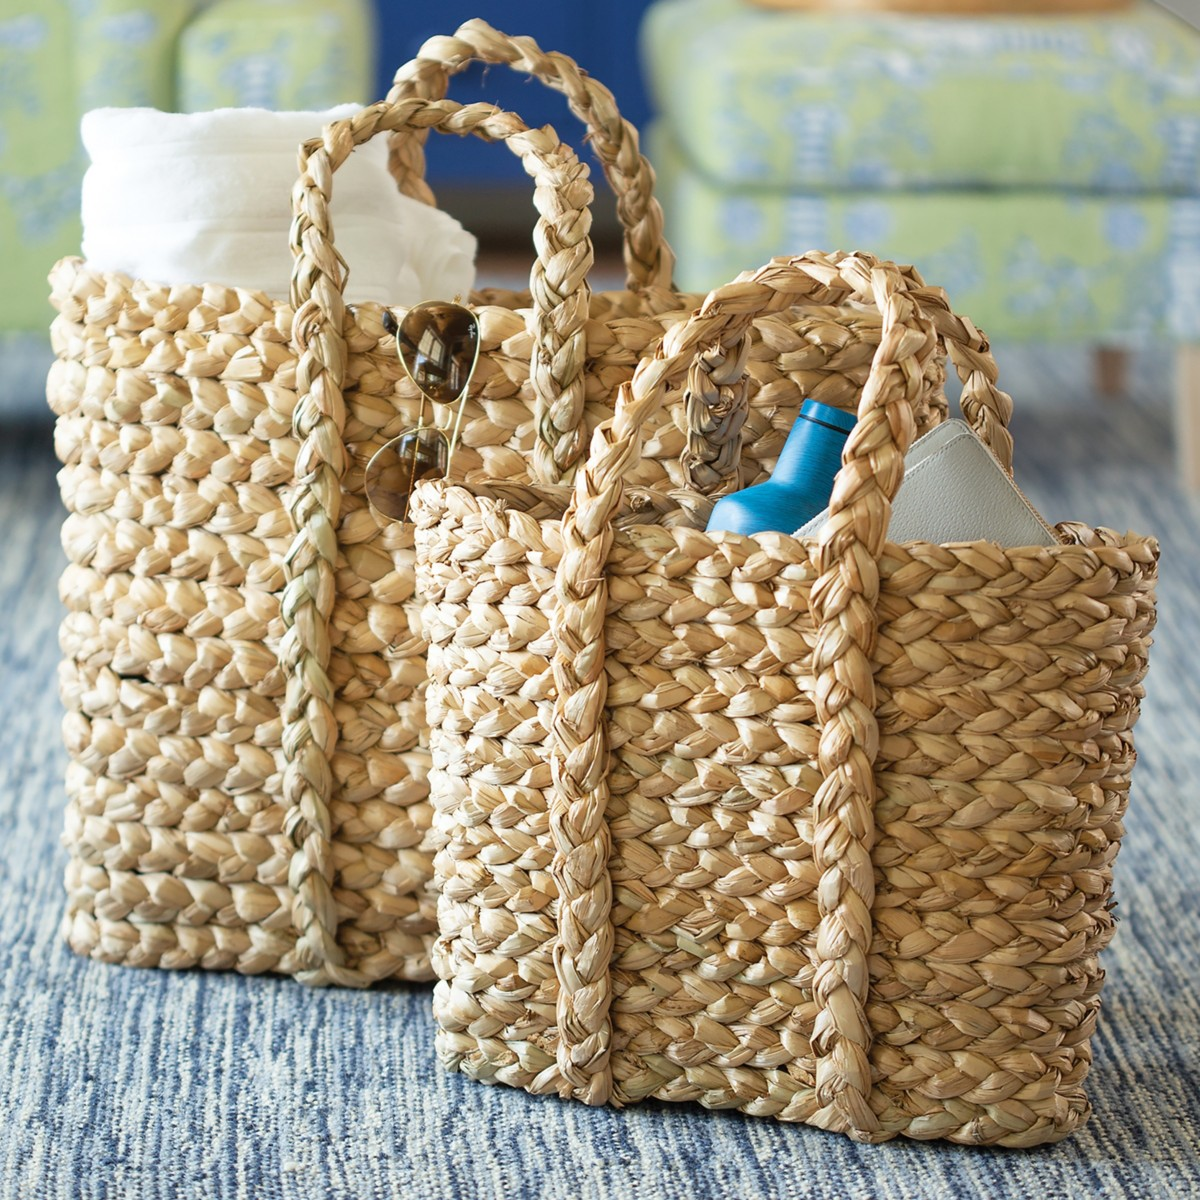 Tote-A-Lot Basket